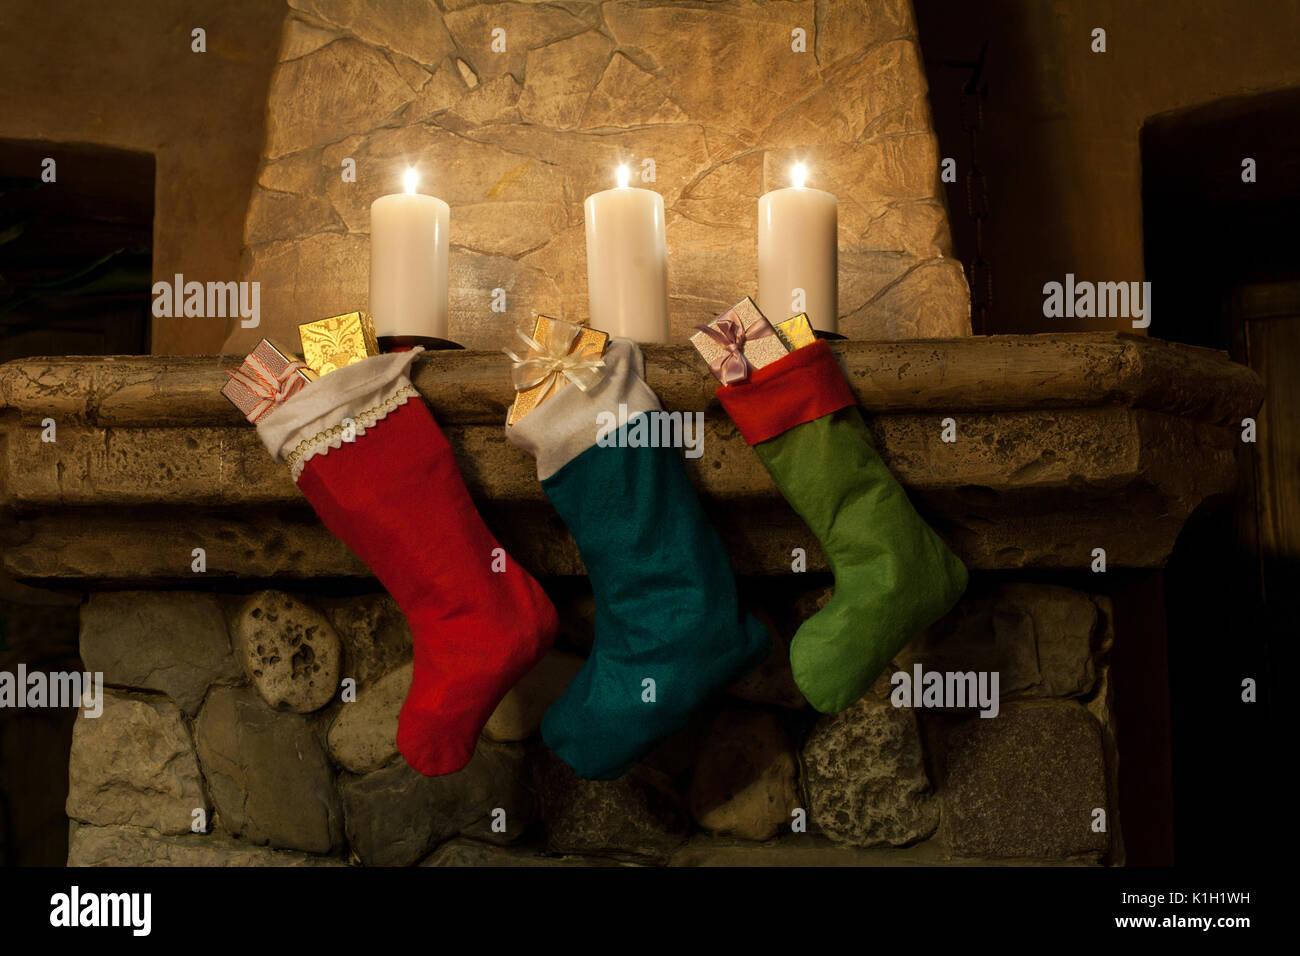 Weihnachtsstrumpf am Kamin Hintergrund. Kamin, Kerzen. Weihnachten ...